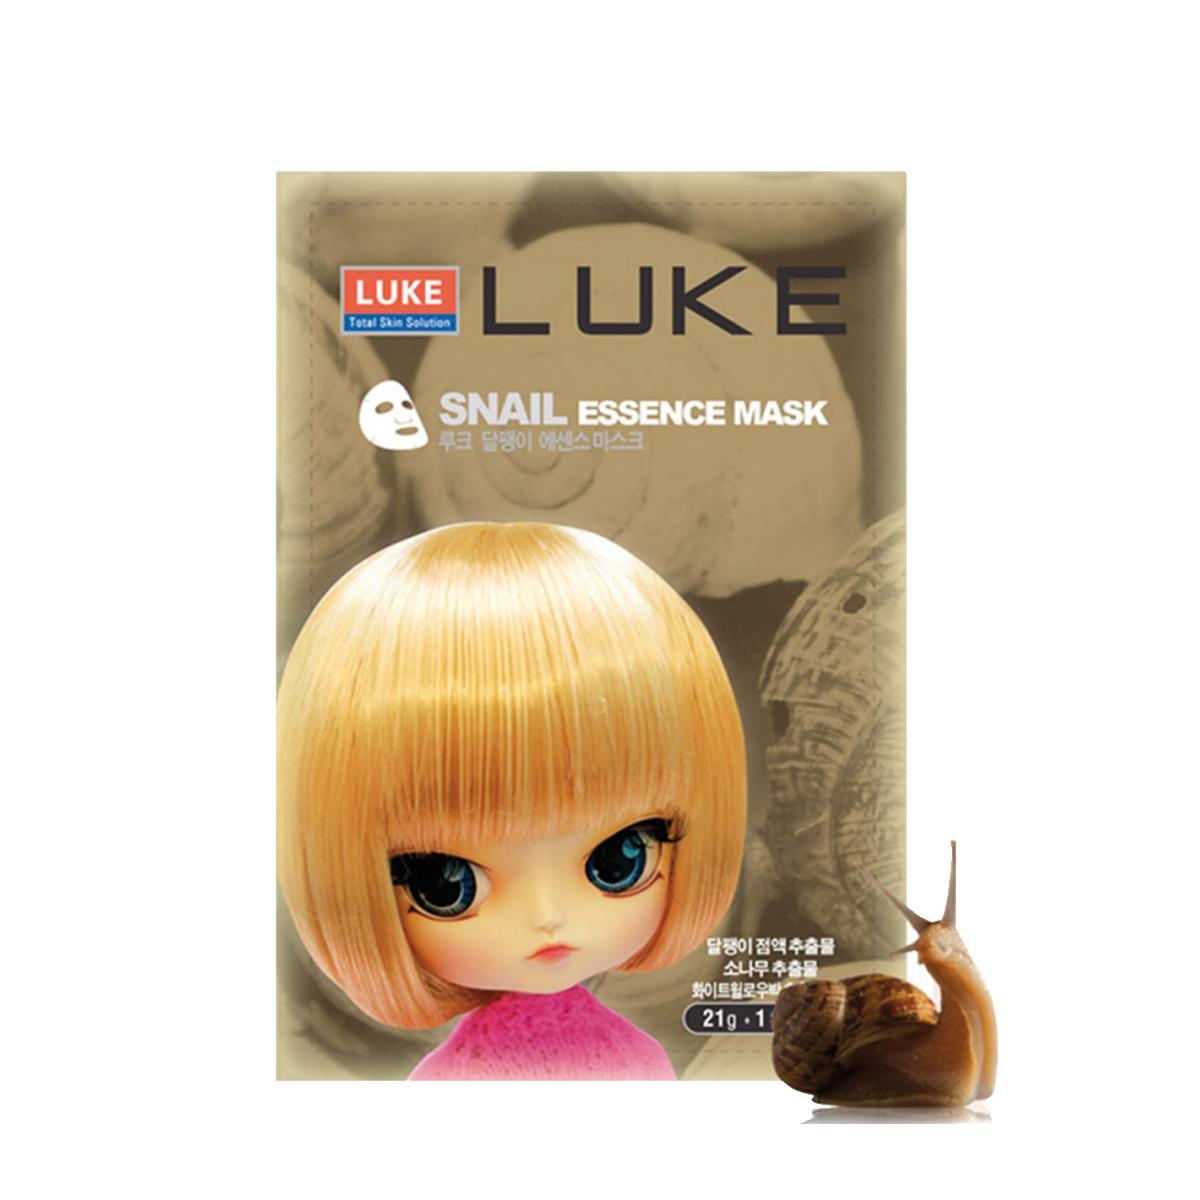 Luke Маска с экстрактом слизи улитки Snail Essence Mask 21 г929762Маска с экстрактом слизи улитки высокоэффективно увлажняет, отбеливает и придает упругость кожи. Способ применения: на очищенную кожу лица, нанести маску и оставить на 20-30 минут. Затем снять маску, а остатки геля легкими движениями распределить на лицо. Меры предосторожности: Хранить в недоступном для детей месте. Избегать контакта с глазами. Срок годности после вскрытия 1 день. Состав: вода, глицерин, бутиленгликоль, бетаин, пантенол, фильтрат слизи улитки, экстракт огурца, полынь обыкновенная, экстракт Фаленопсис прелестный, экстракт Каланта, экстракт густоцветковой сосны, экстракт орхидеи, экстракт коры белой ивы, аллантоин, дипотассиум глицирризат, ксантановая камедь, карбомер, касторовое масло, сополимер, пропиленгликоль, динатриевой соли ЭДТА, гидроксид натрия, экстракт листьев алоэ.